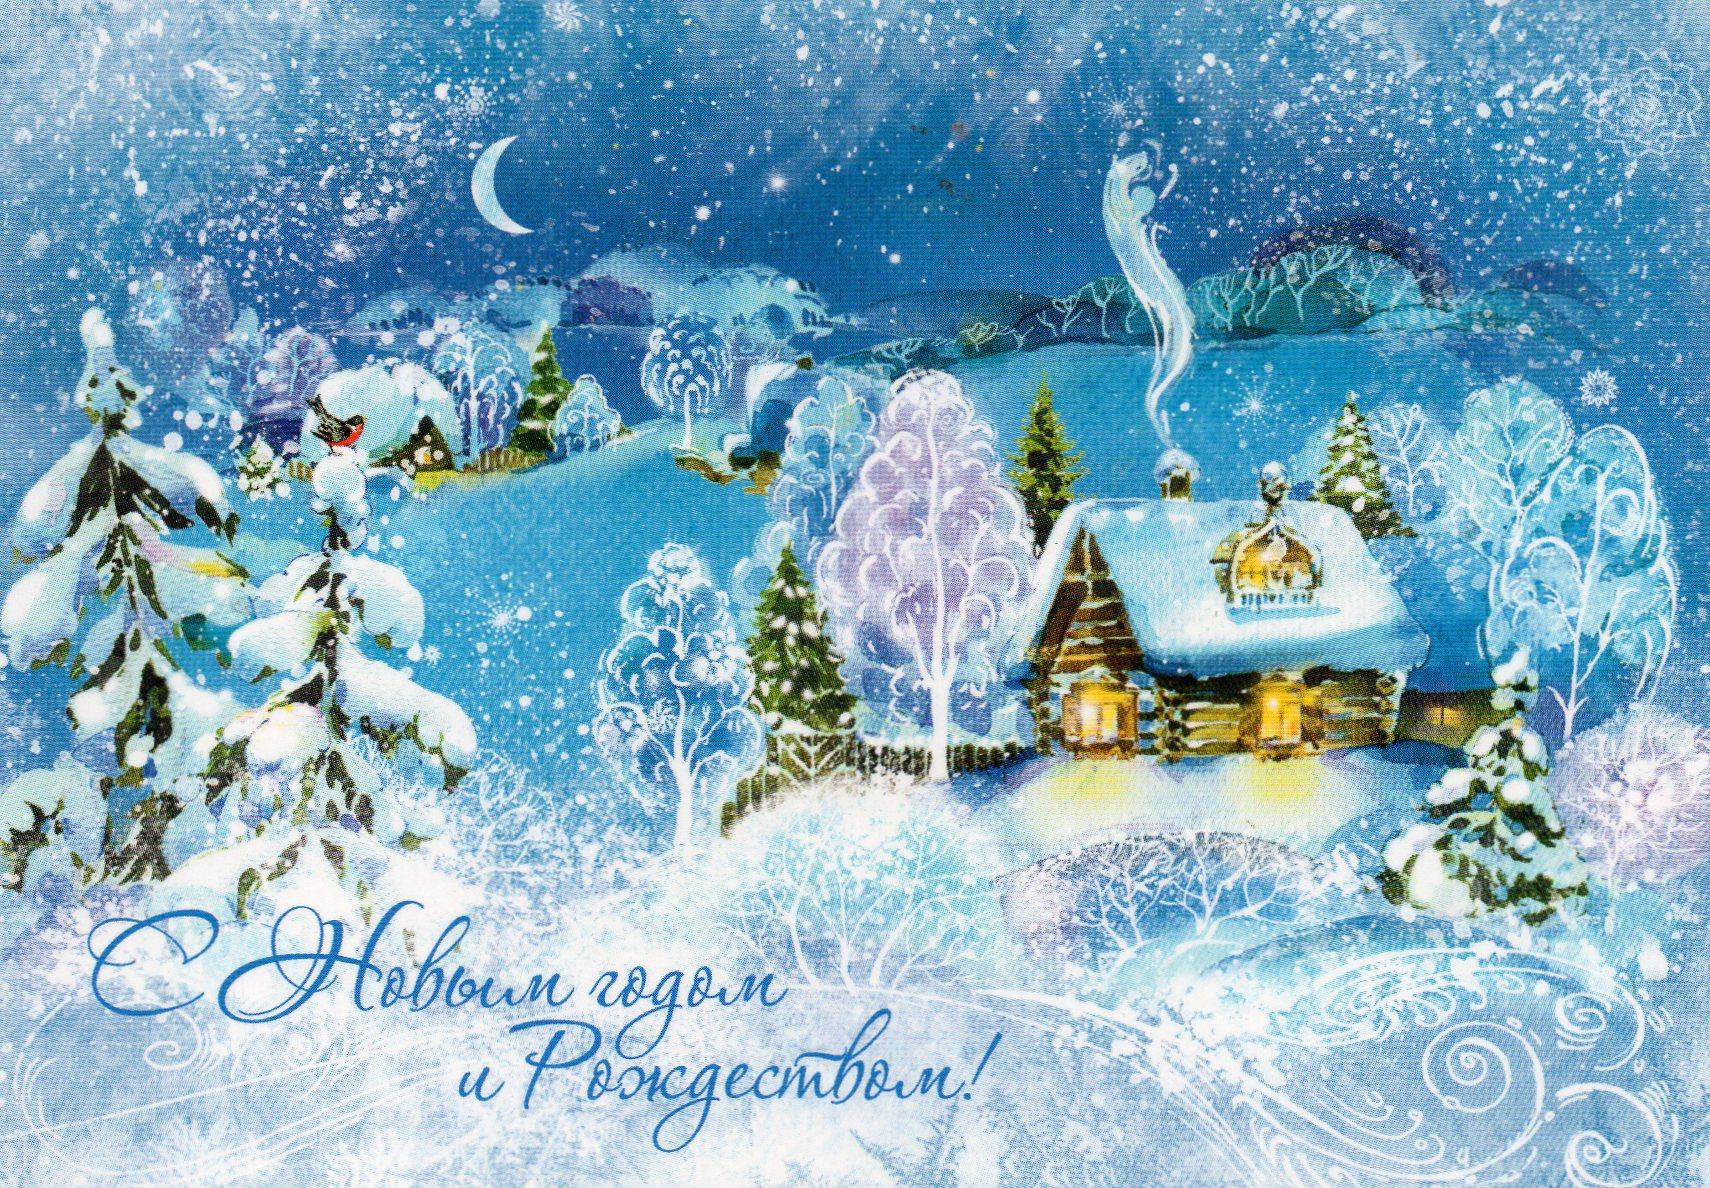 Новогодние открытки в почте, февраля вышивка